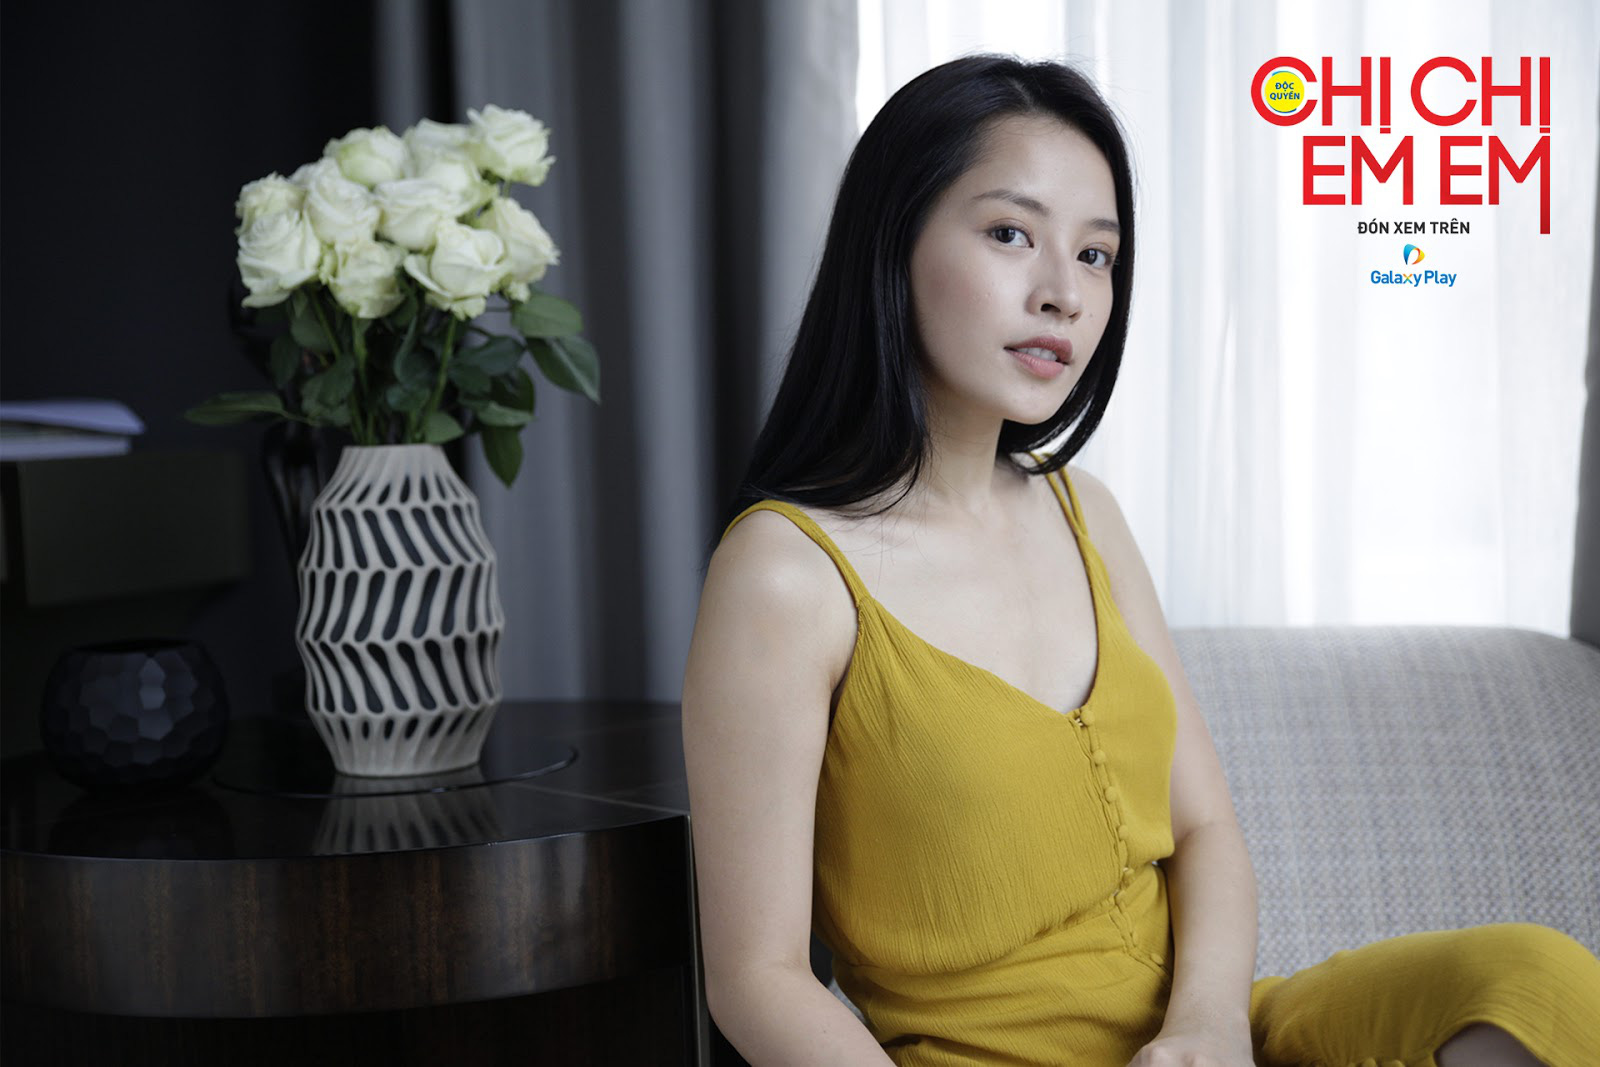 """Đối thủ truyền kiếp của Mắt Biếc - Chị Chị Em Em chính thức phát hành trực tuyến: """"Món ngon điện ảnh Việt chưa bao giờ nhiều đến thế! - Ảnh 6."""